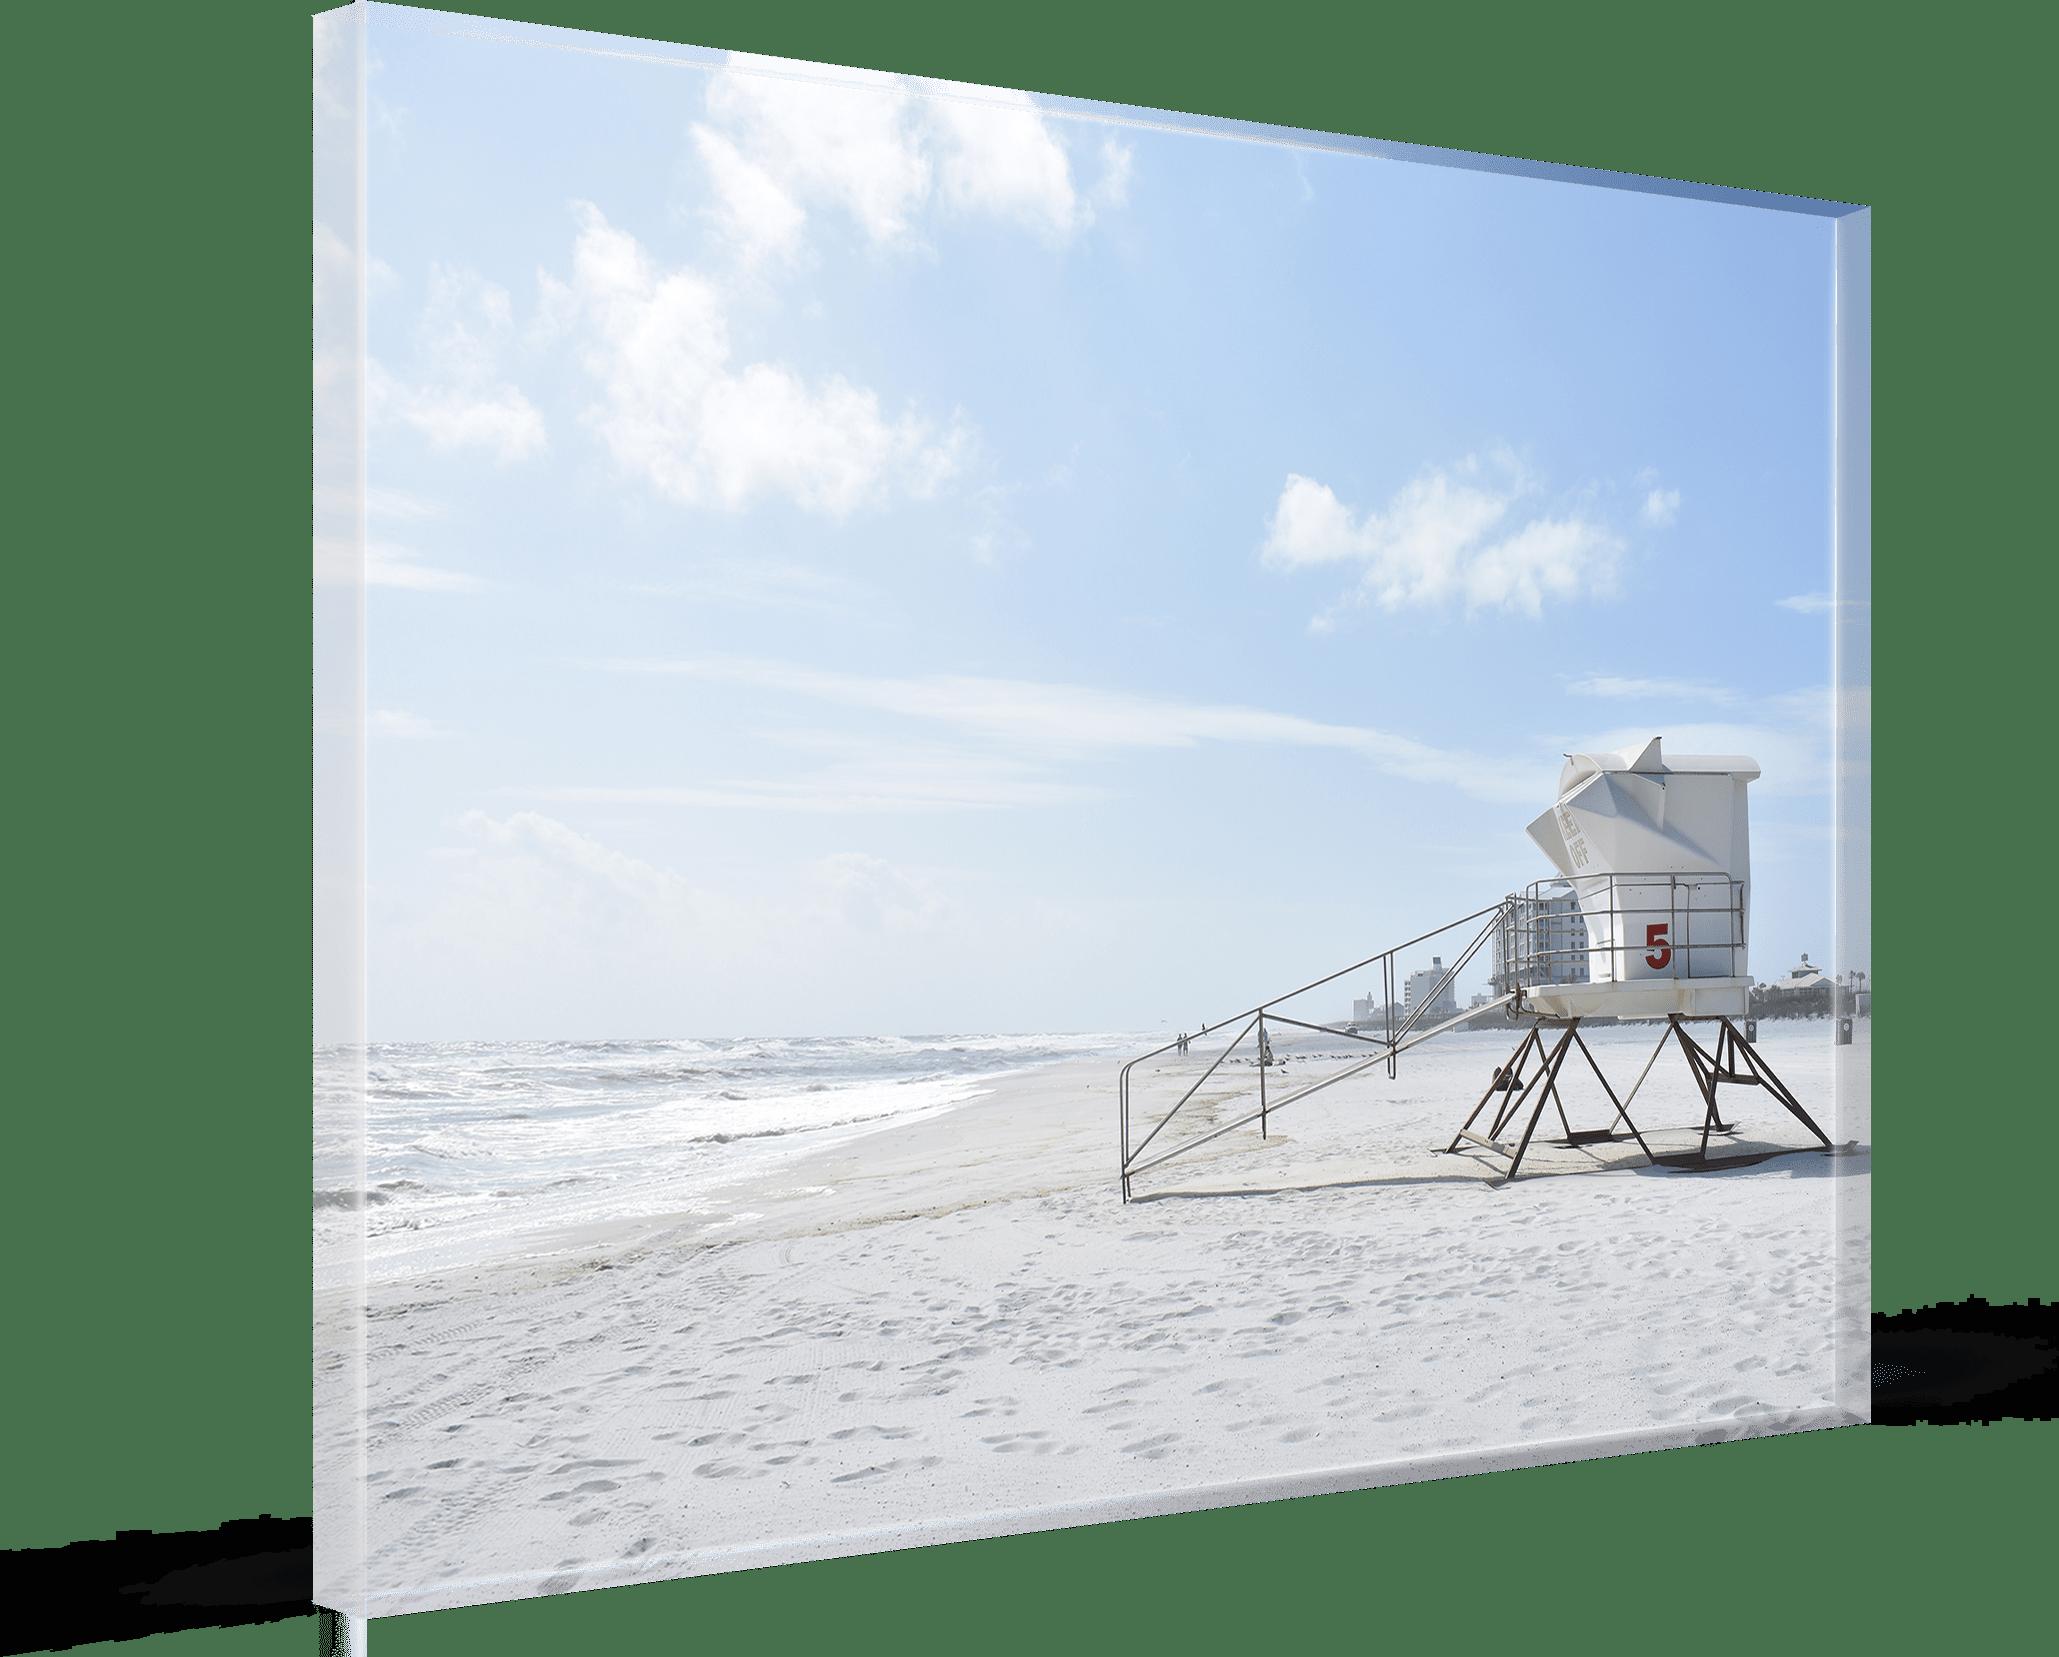 Foto auf Plexiglas als 8 mm Ausführung